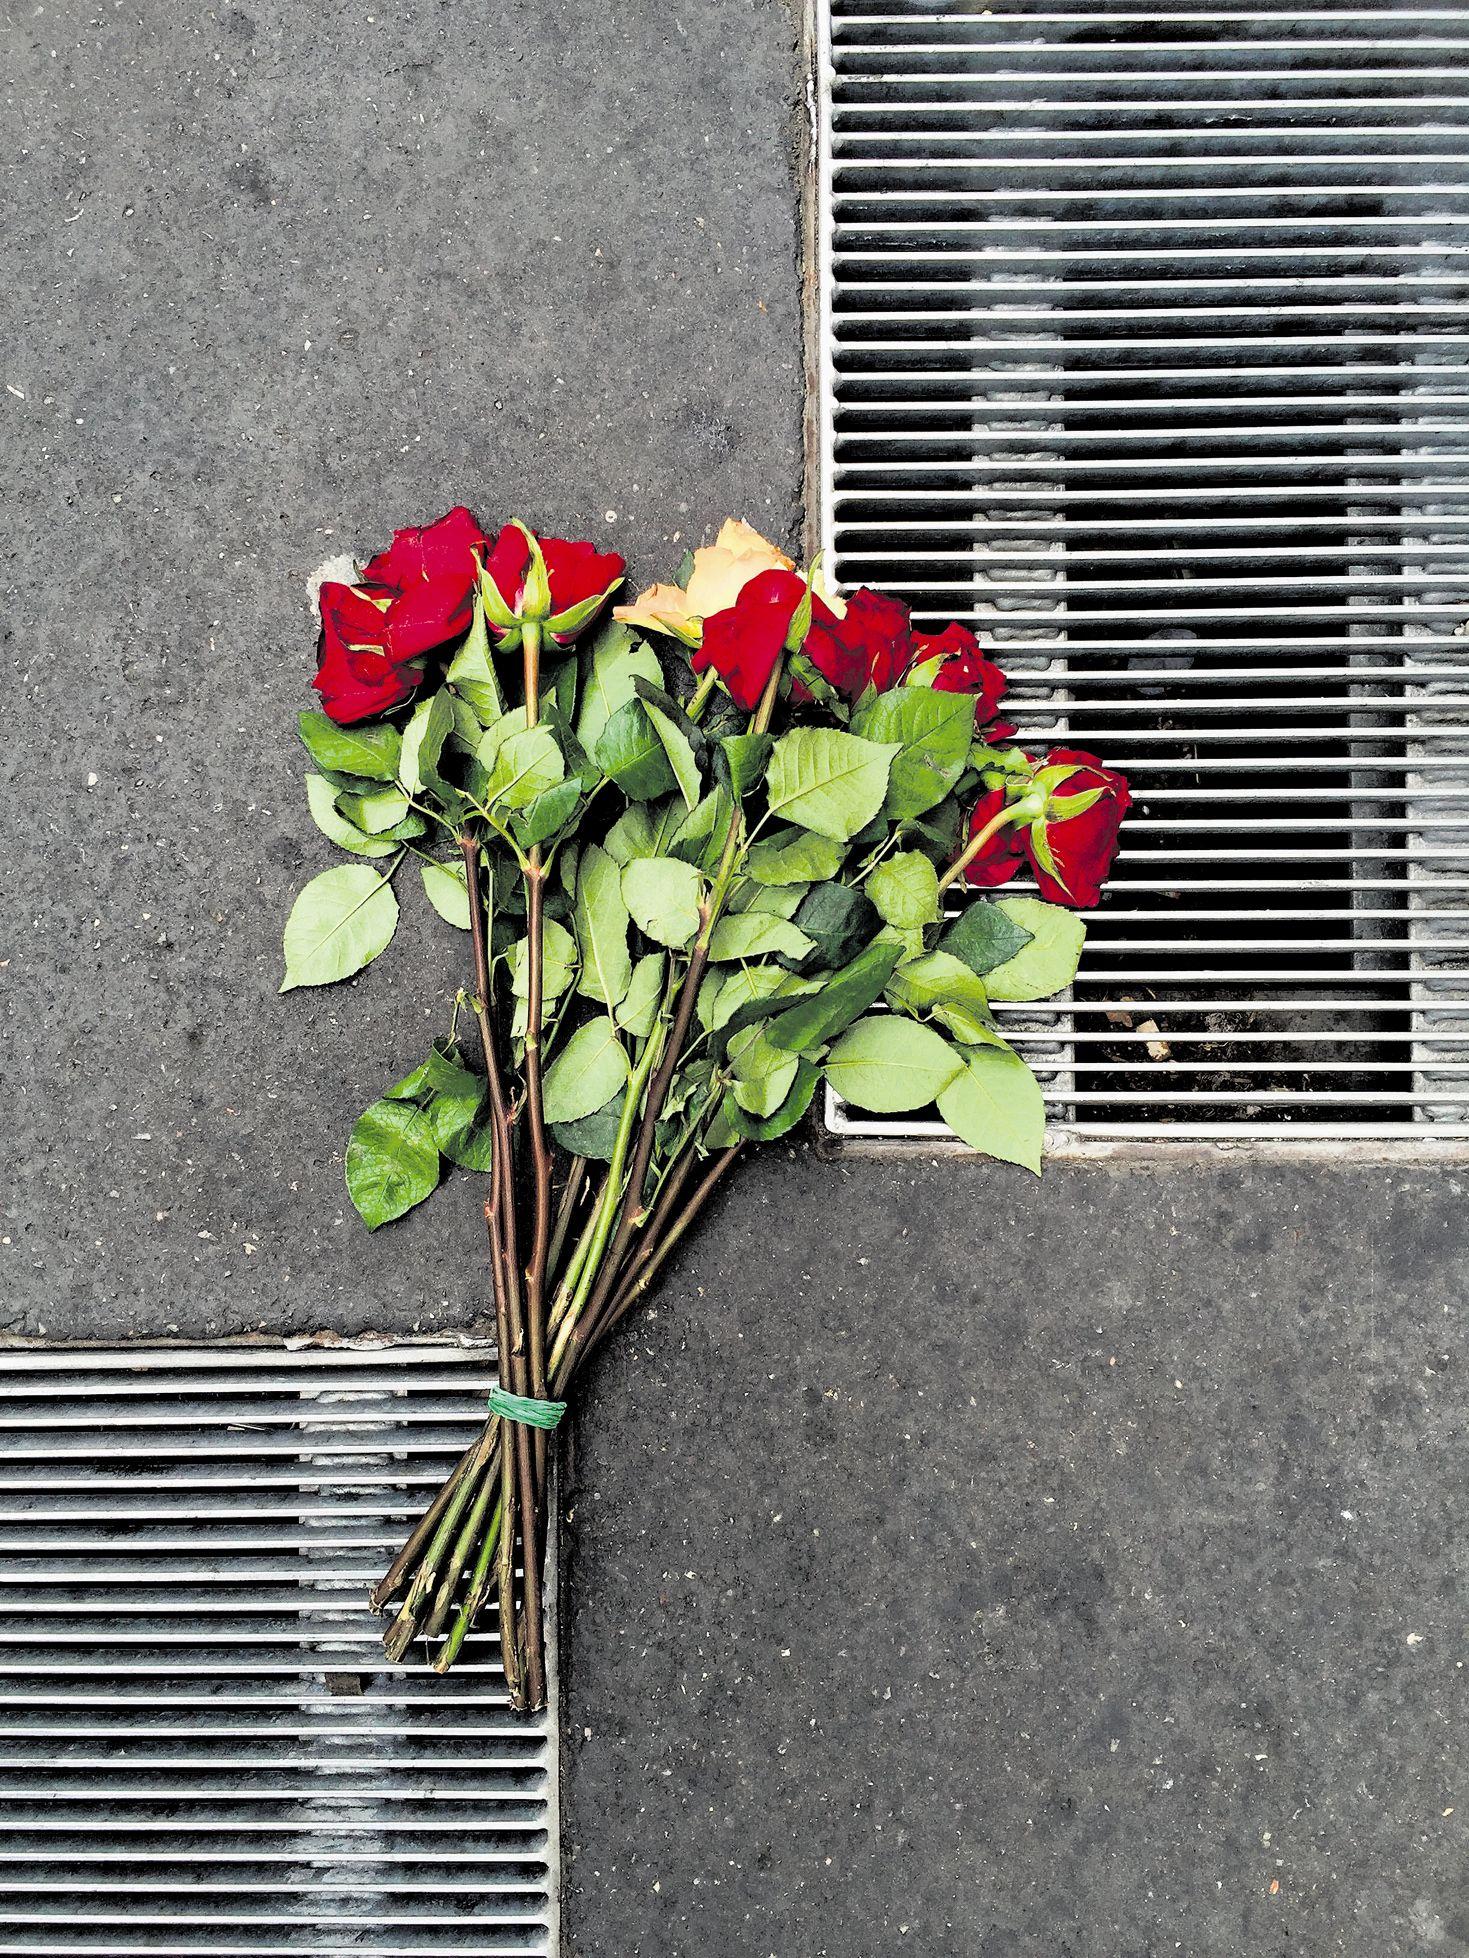 אהבה אמיתית היא לא שושנים ולא מחוות רומנטיות ענקיות (צילום: ליהיא לפיד)